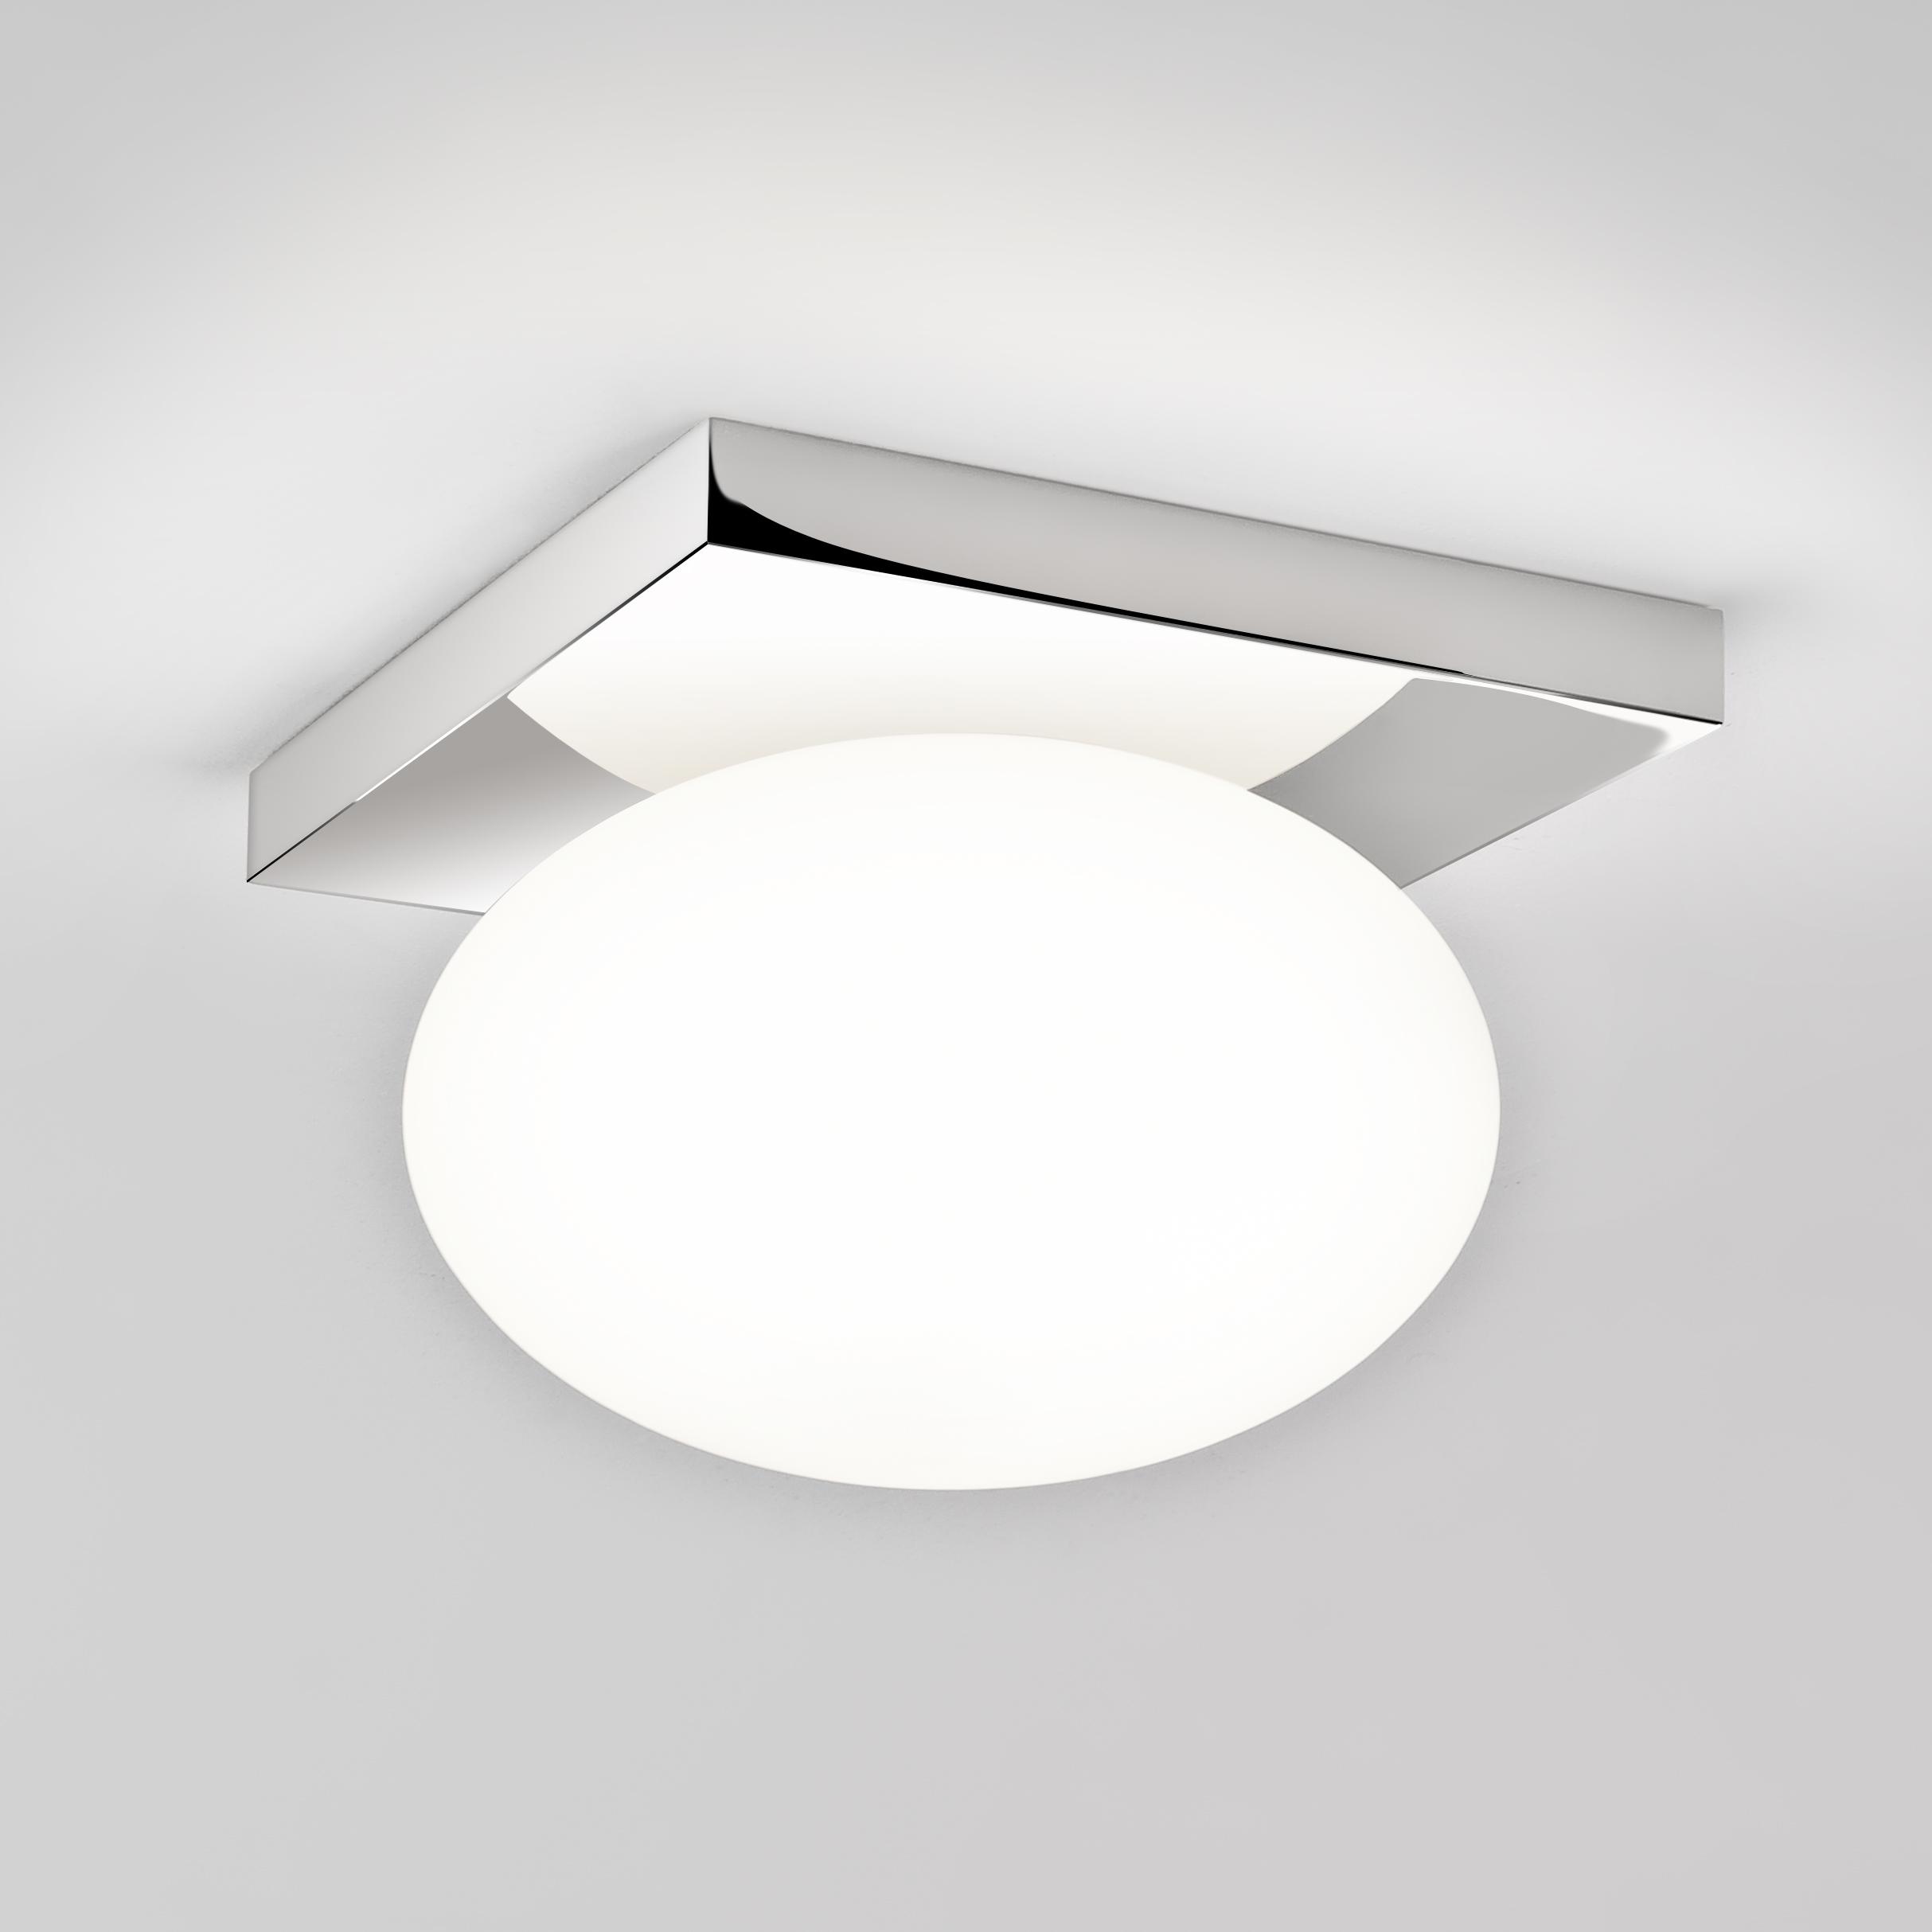 luminaire salle bain plafonnier castiro Résultat Supérieur 15 Luxe Eclairage Plafond Salle De Bain Pic 2017 Zat3